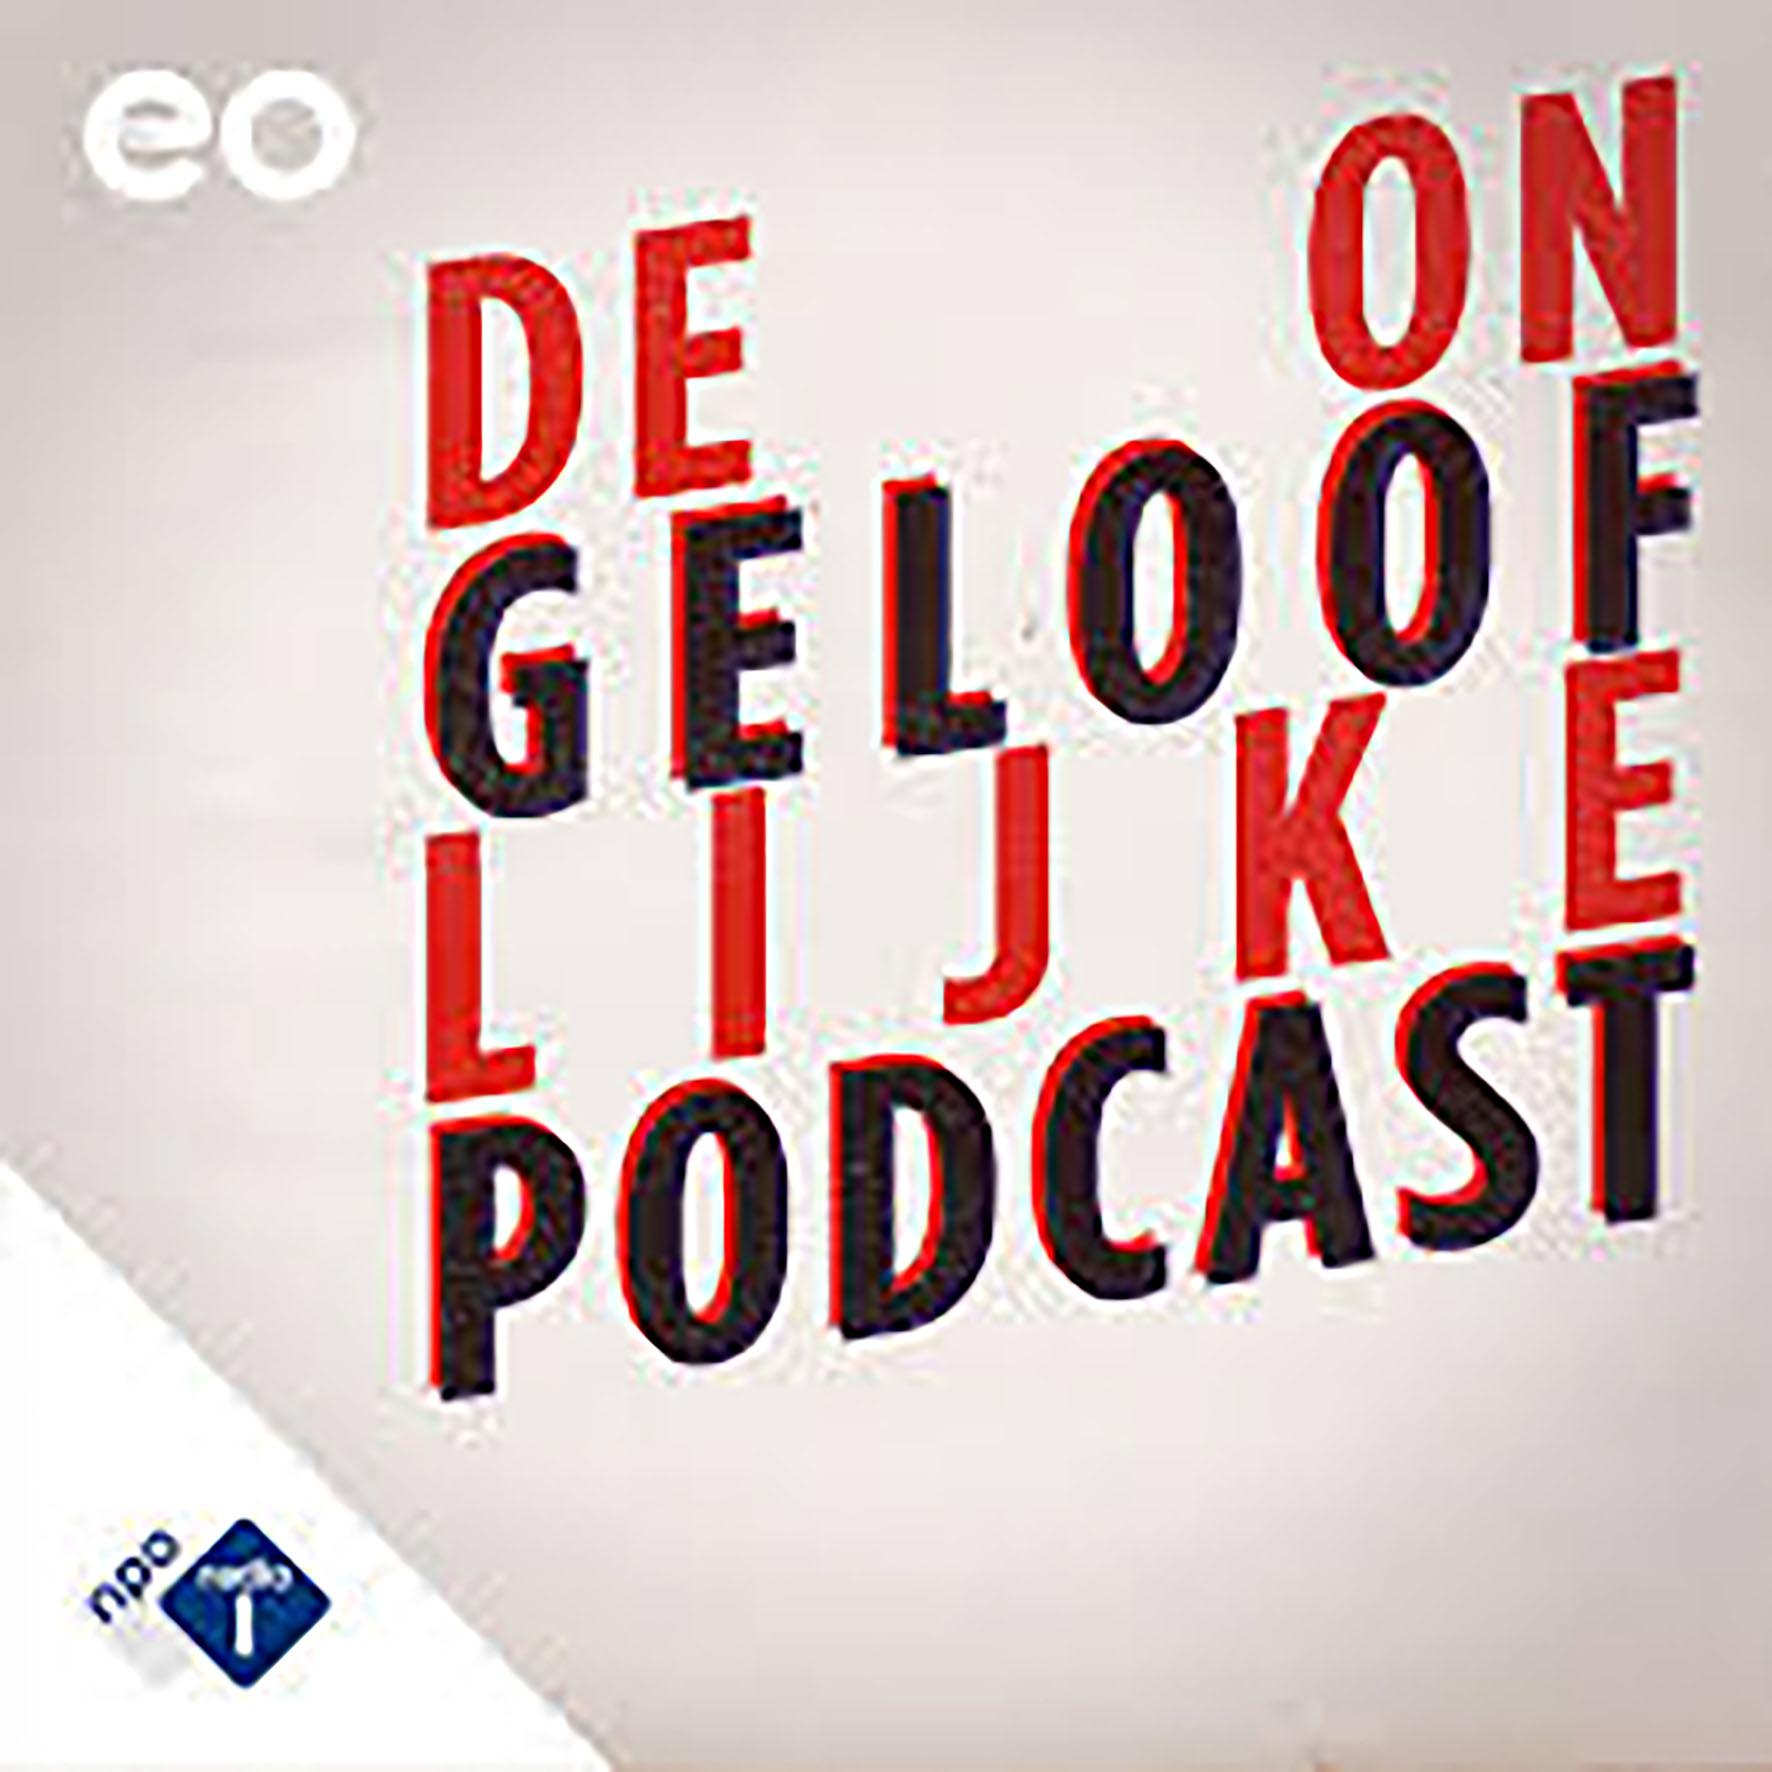 De ongelofelijke podcast